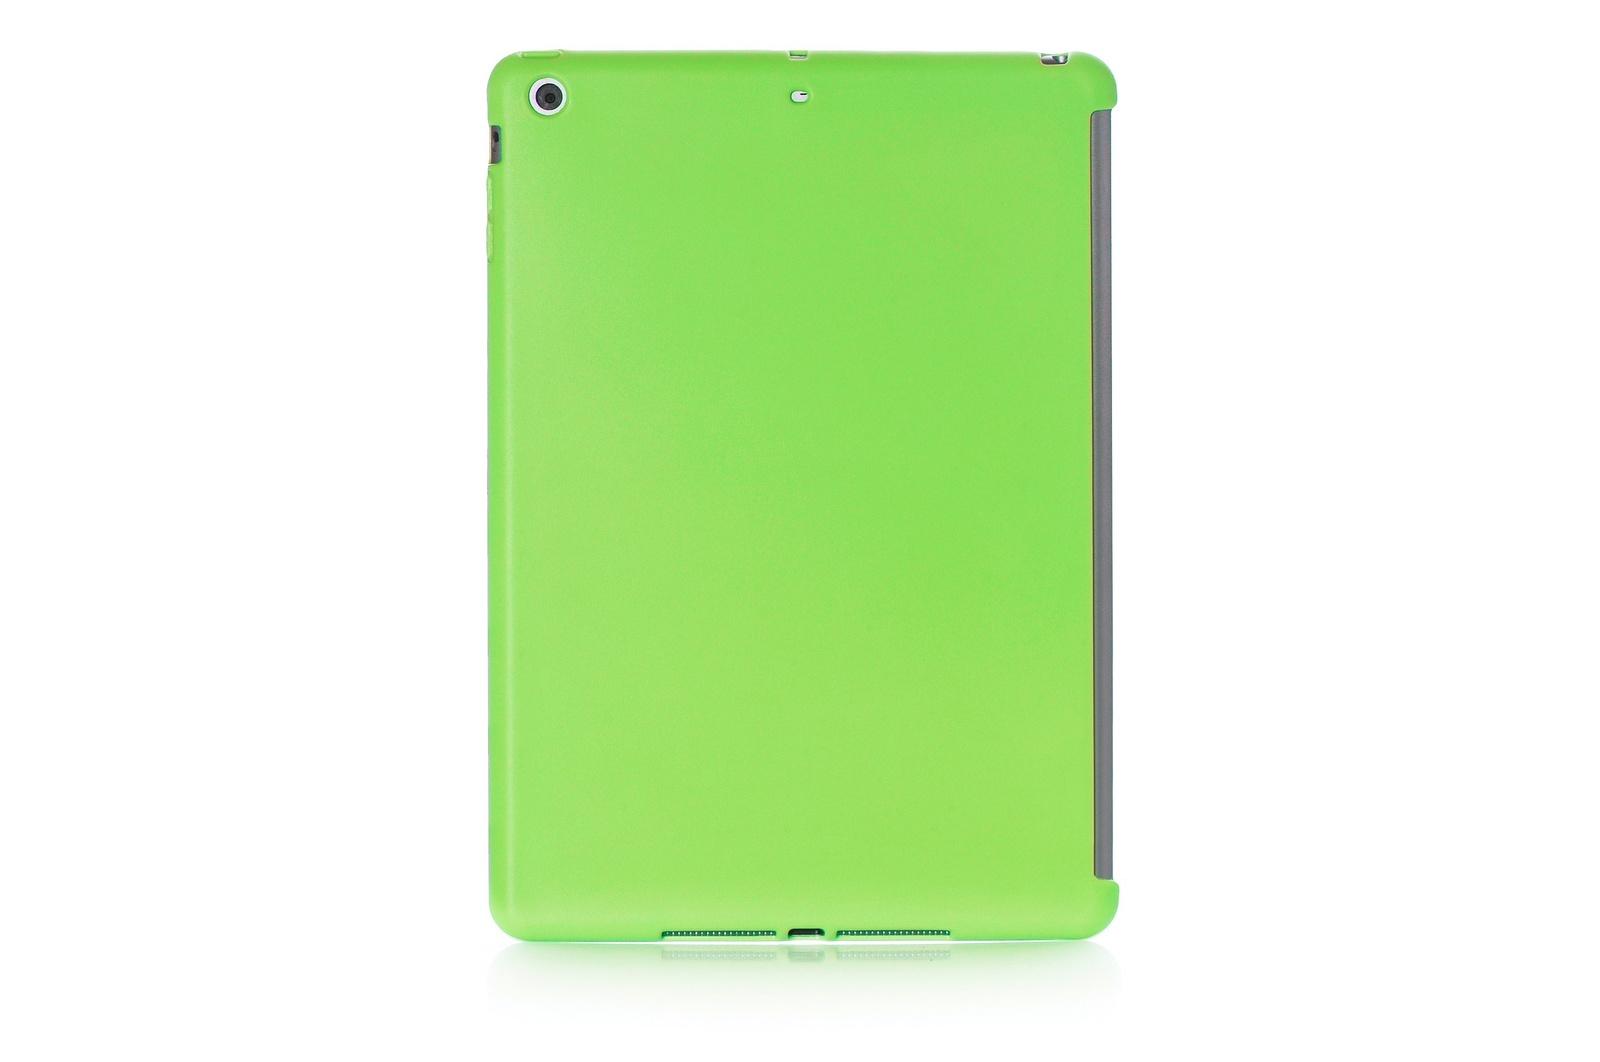 Чехол для планшета Gurdini силиконовый OEM для Apple iPad Air, зеленый все цены